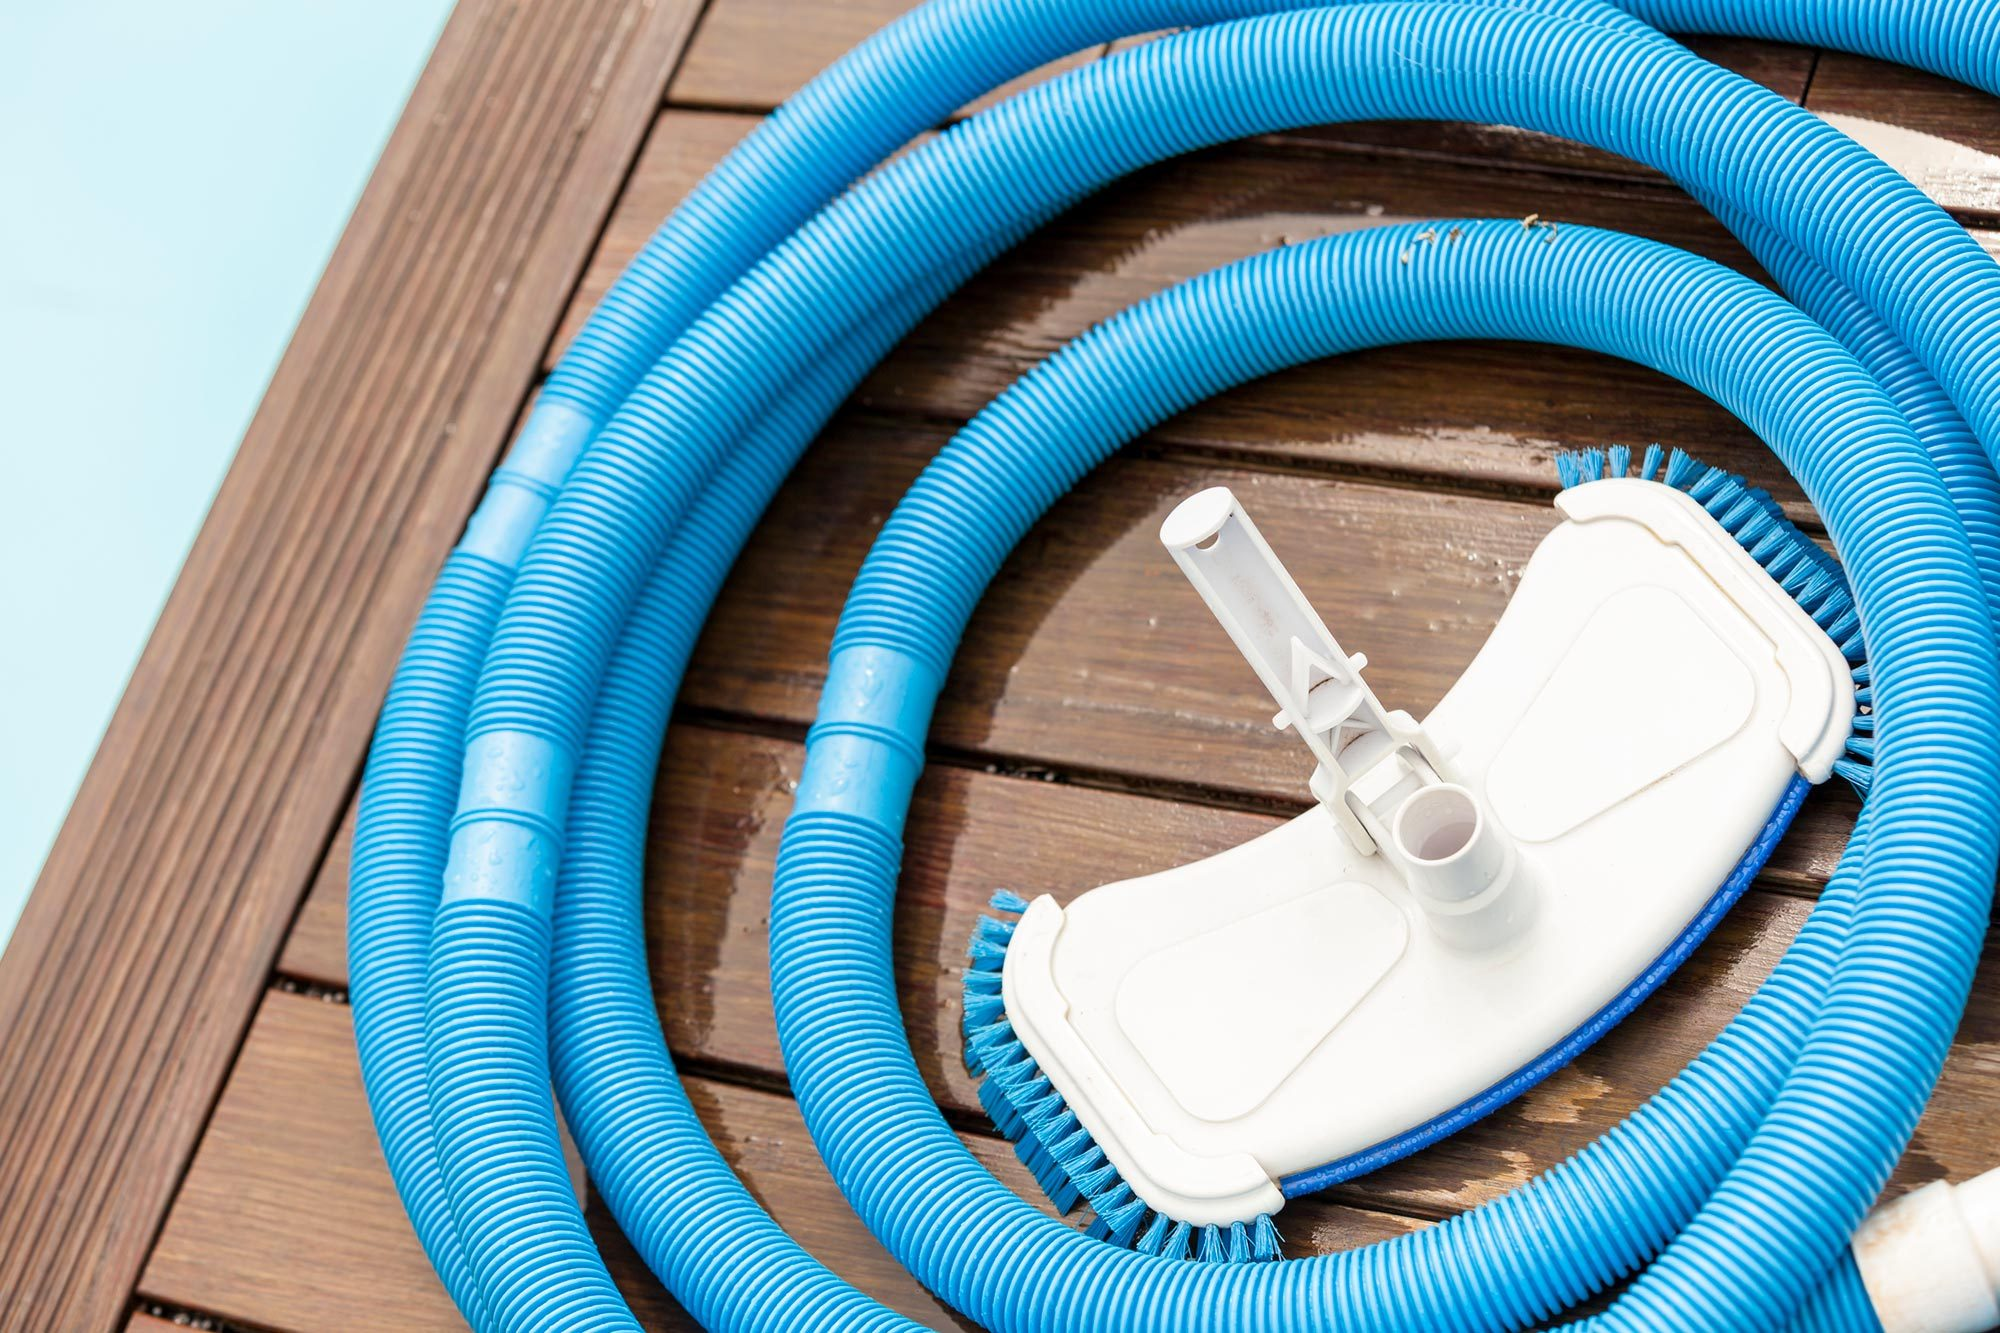 accessori per la pulizia quotidiana della piscina